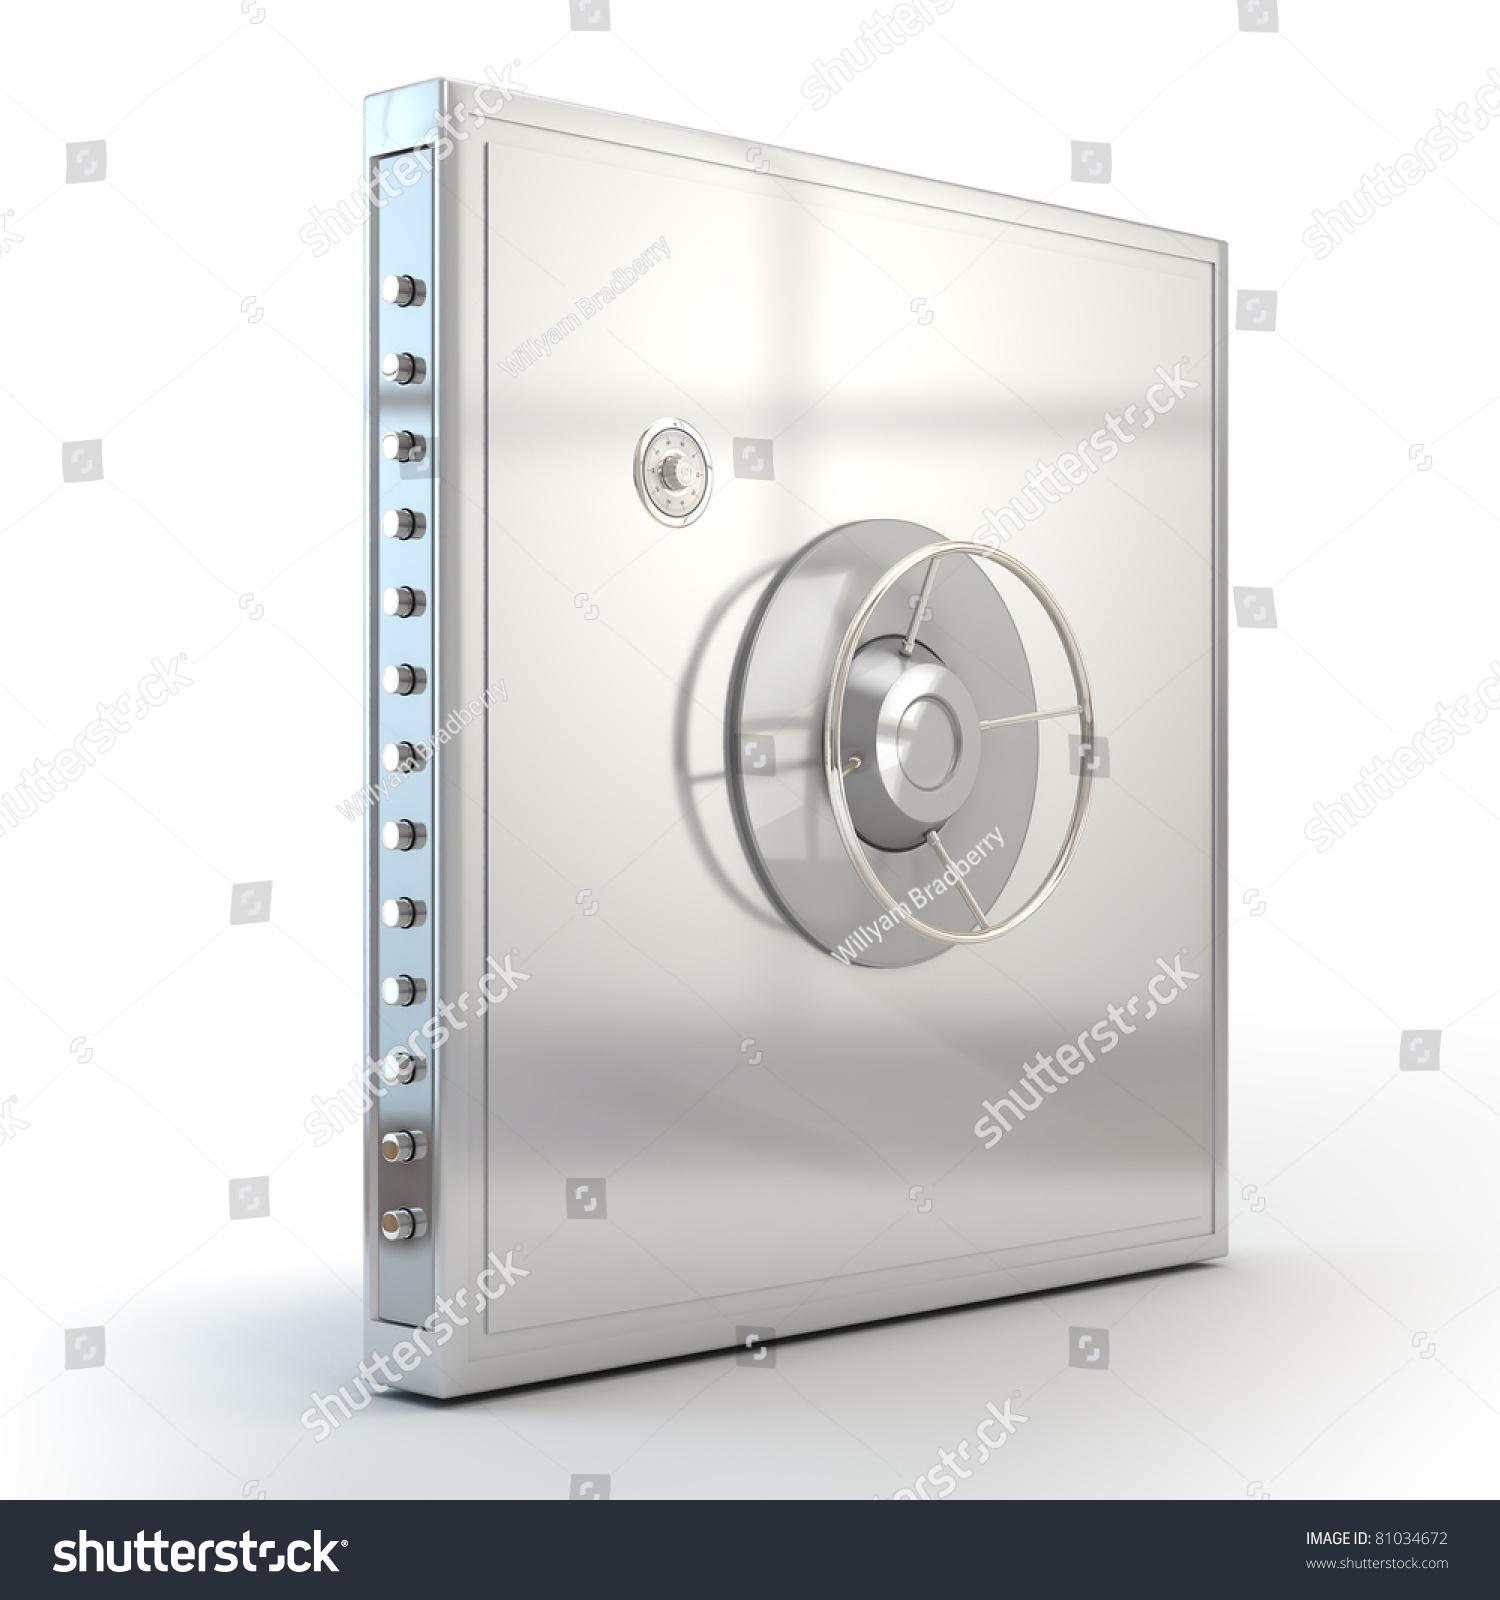 of Vault Door Handle Woonv Handle idea